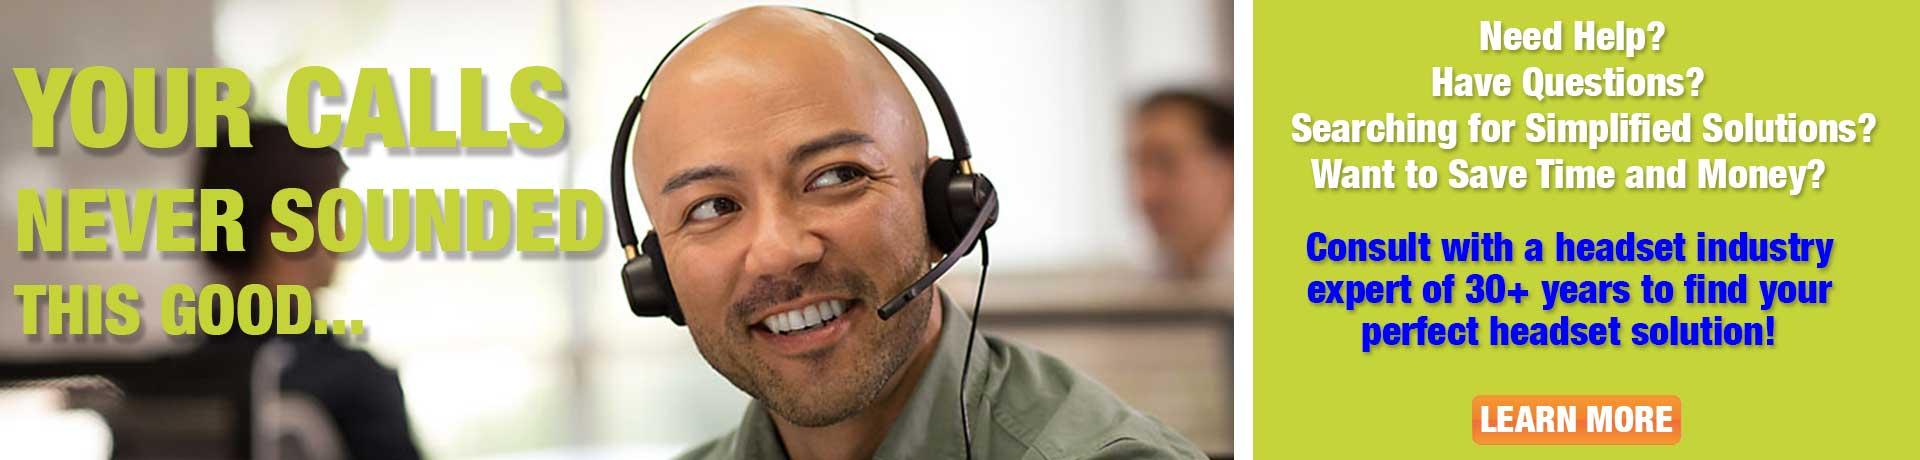 Office worker wearing headset